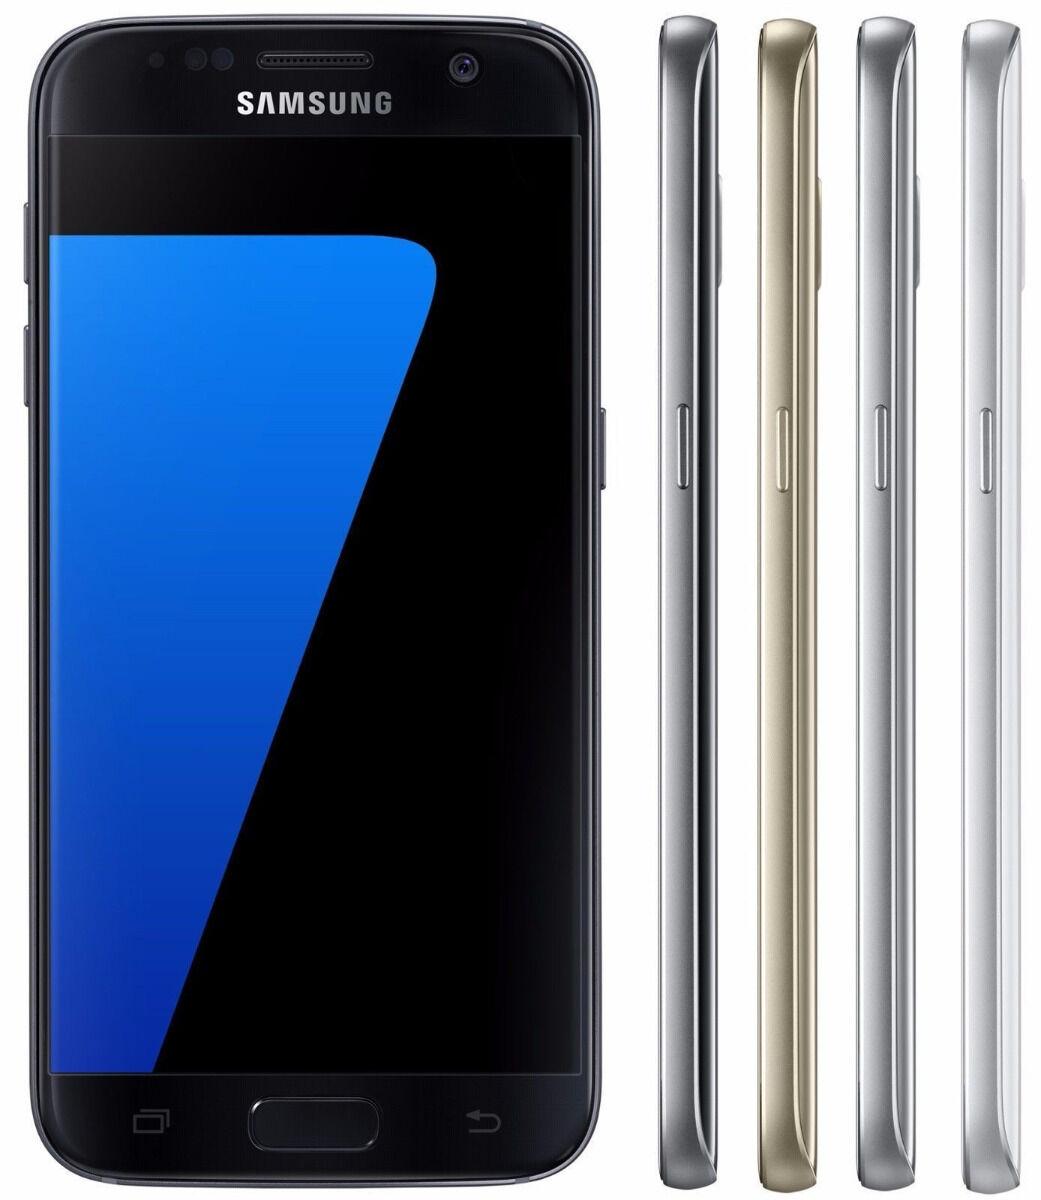 Купить Samsung Galaxy S7 - NEW Samsung Galaxy S7 SM-G930T 32GB - T-Mobile Smartphone - Gold & Black 4G LTE